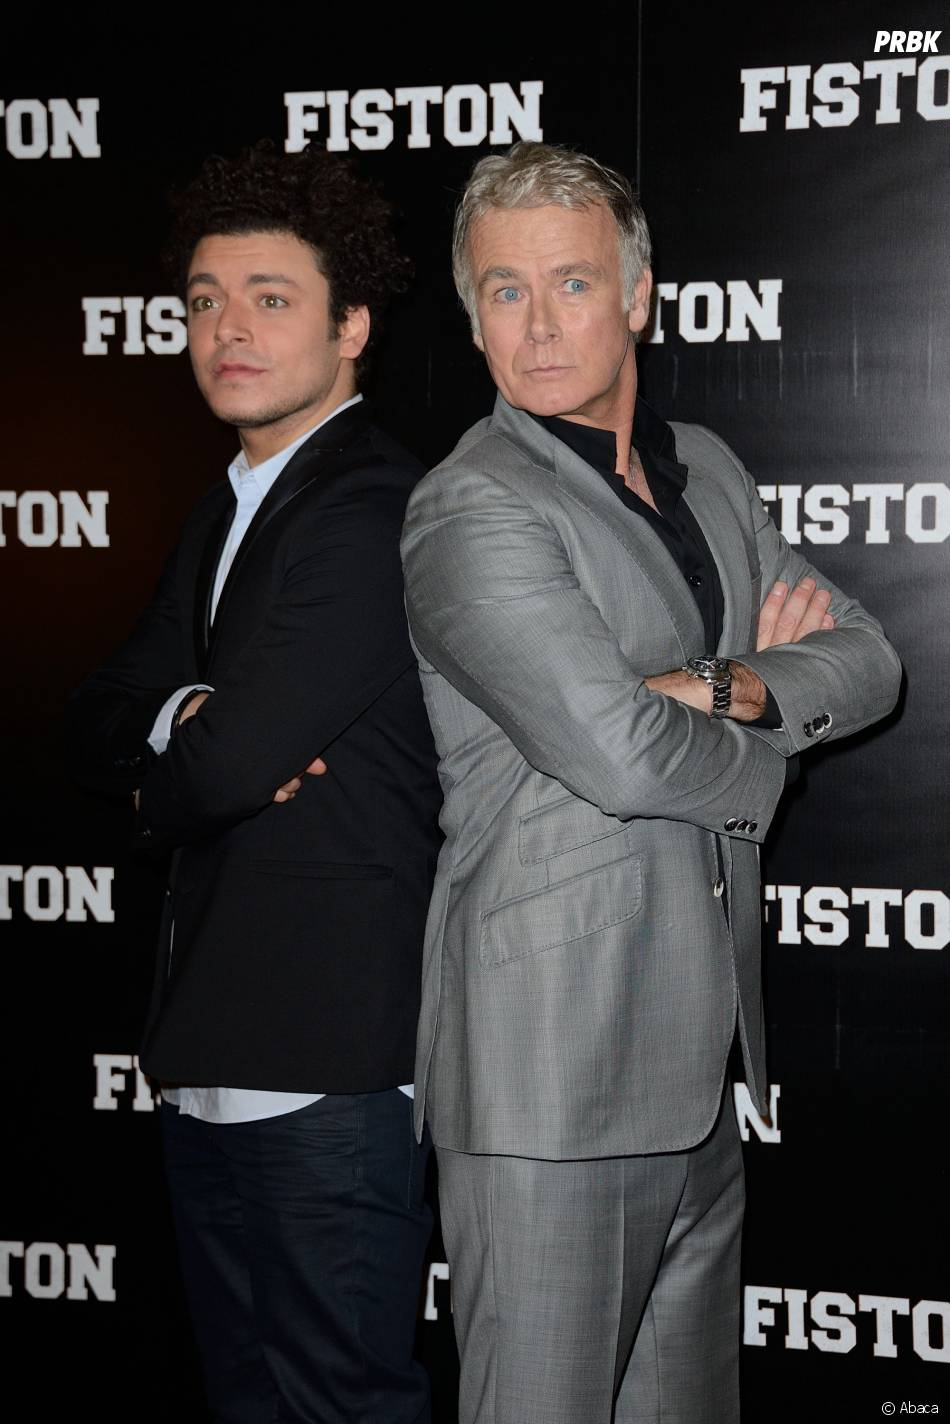 Kev Adams et Franck Dubosc pendant la promo de la comédie Fiston, au cinéma le 12 mars 2014